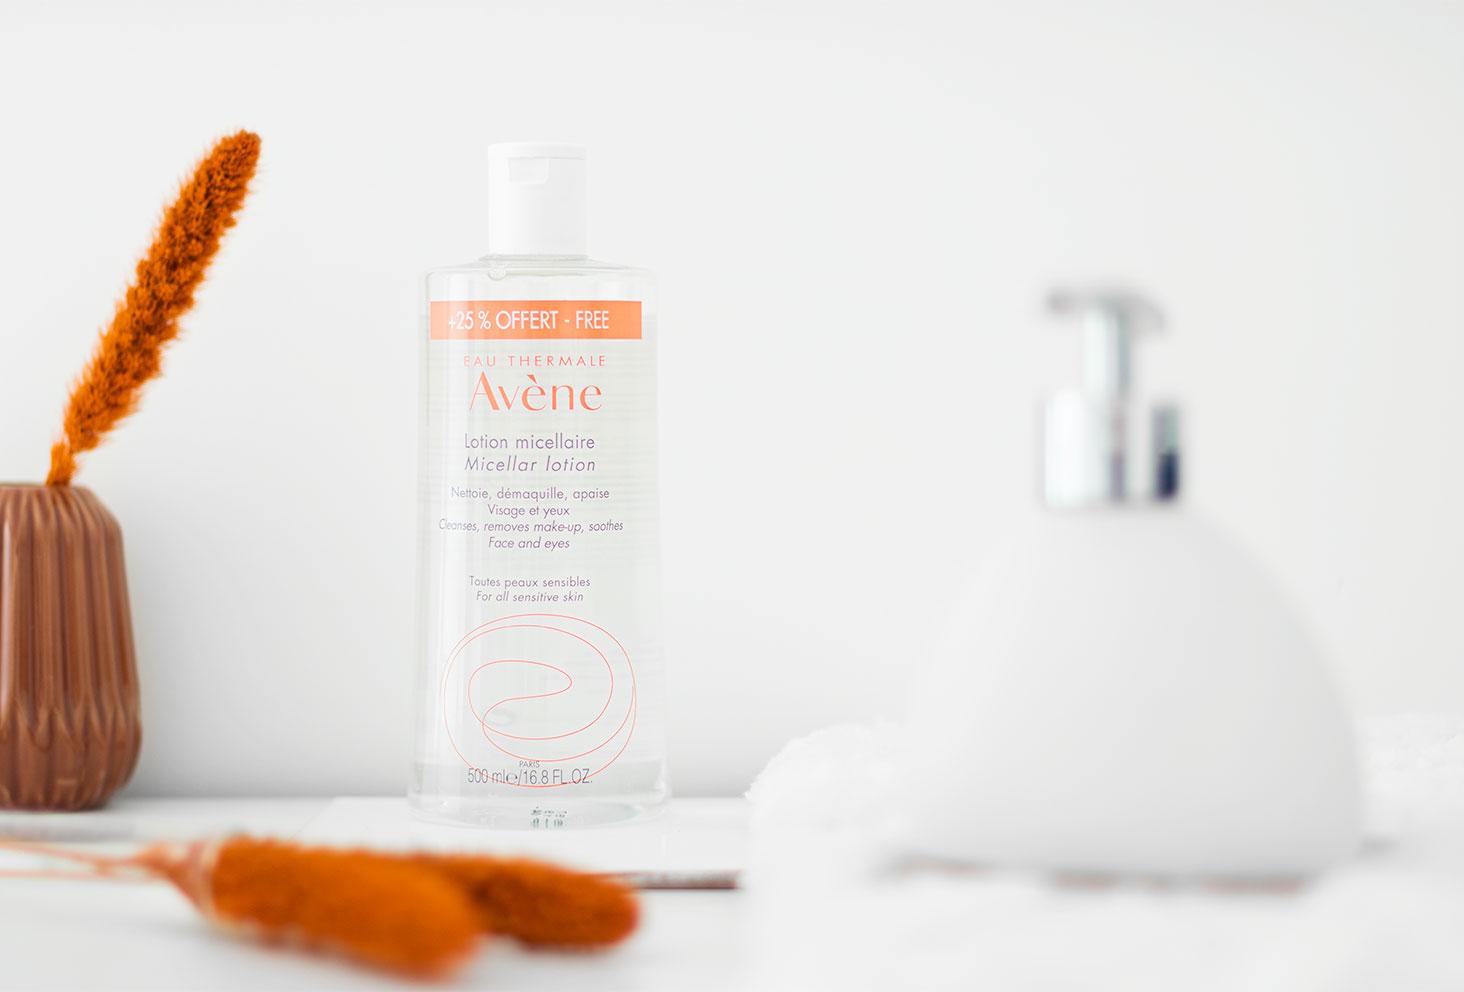 La lotion micellaire Avène posée dans une salle de bain blanche au milieu de fleurs séchées oranges